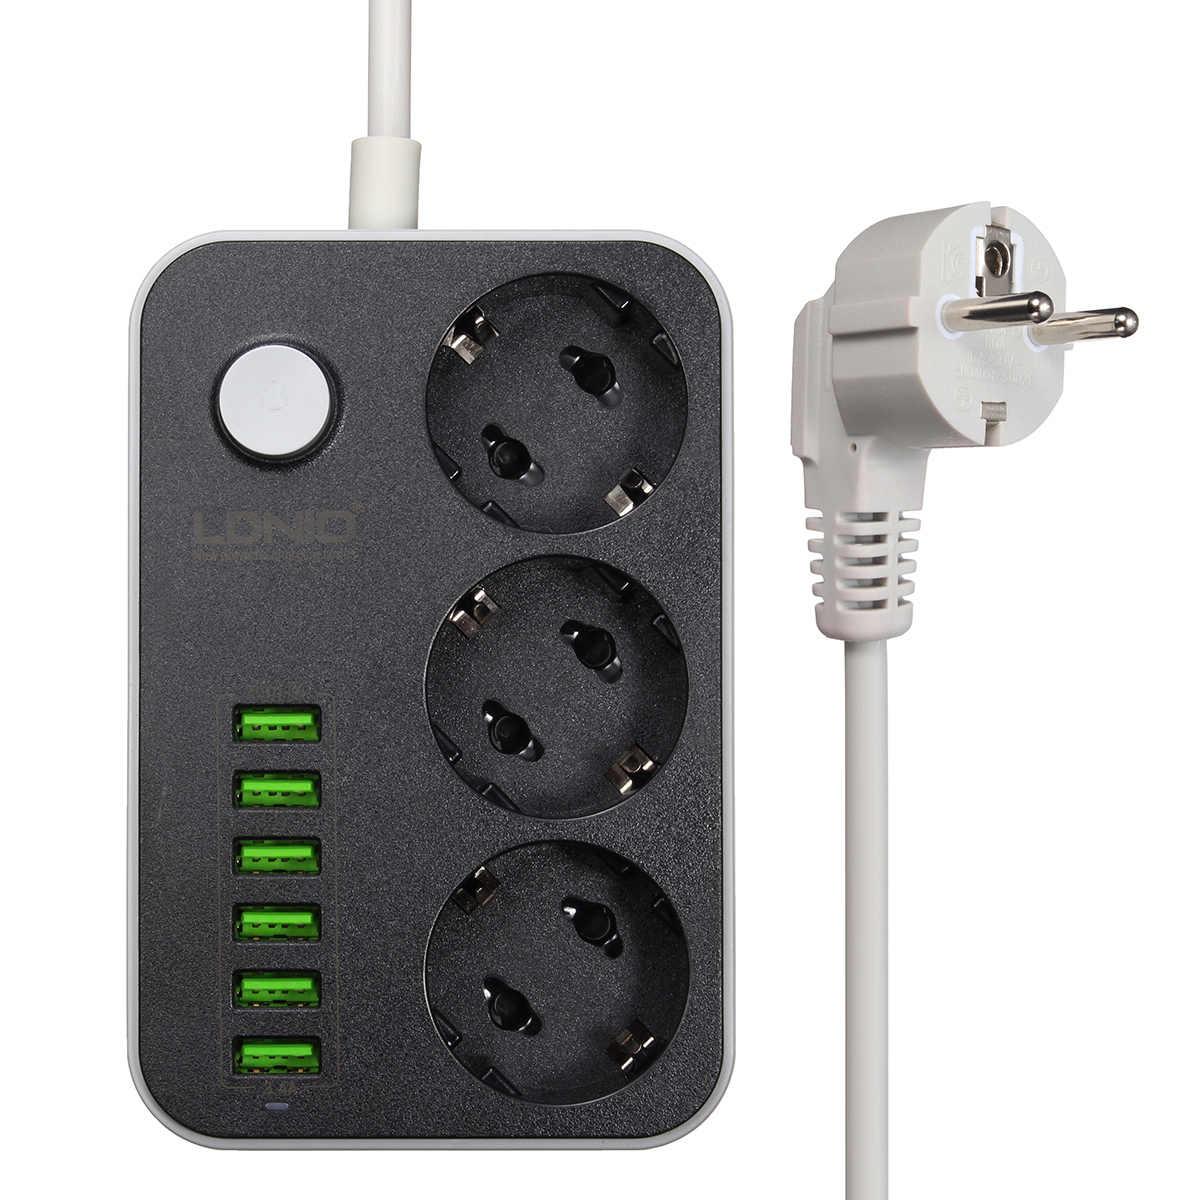 LDNIO 5 в 3.4A Smart USB мощность полосы Desktop 3 Мощность Разъем 6 USB порты и разъёмы 1,6 м ЕС Plug зарядки разъем